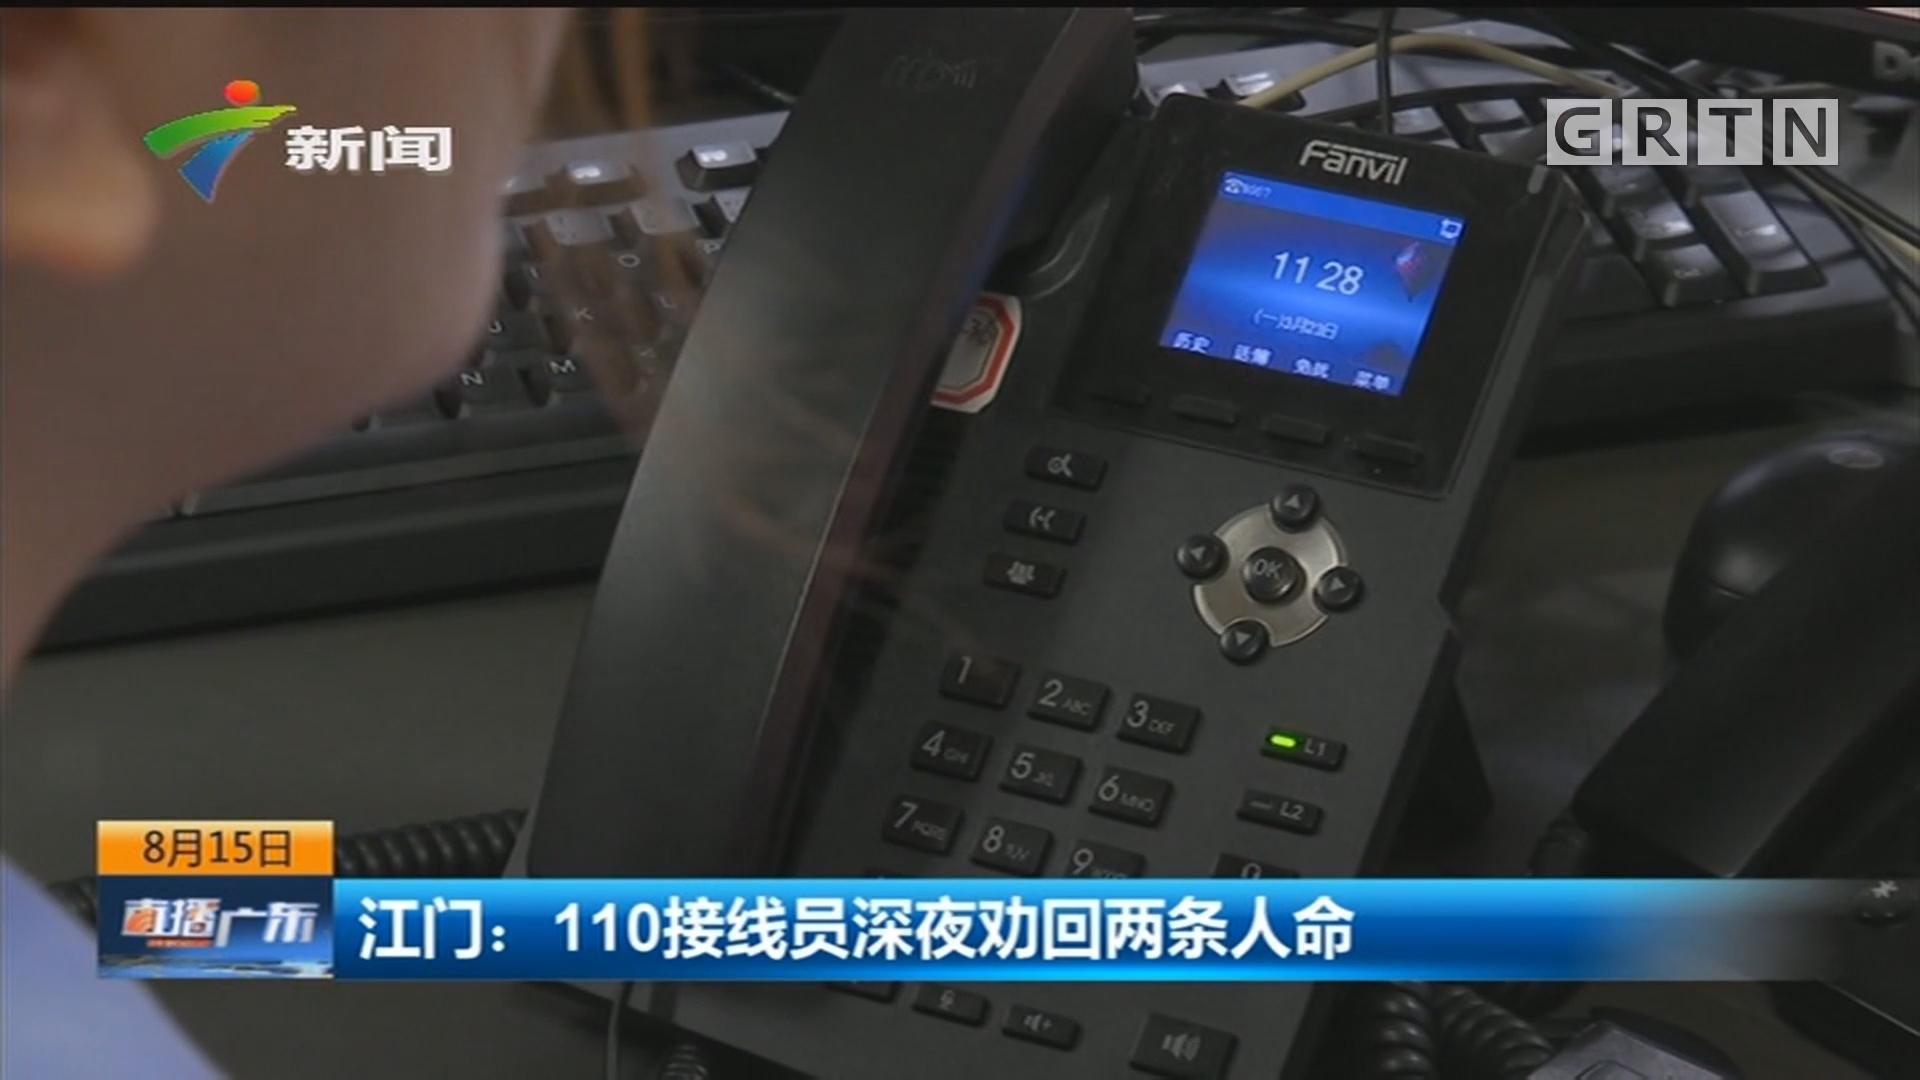 江门:110接线员深夜劝回两条人命